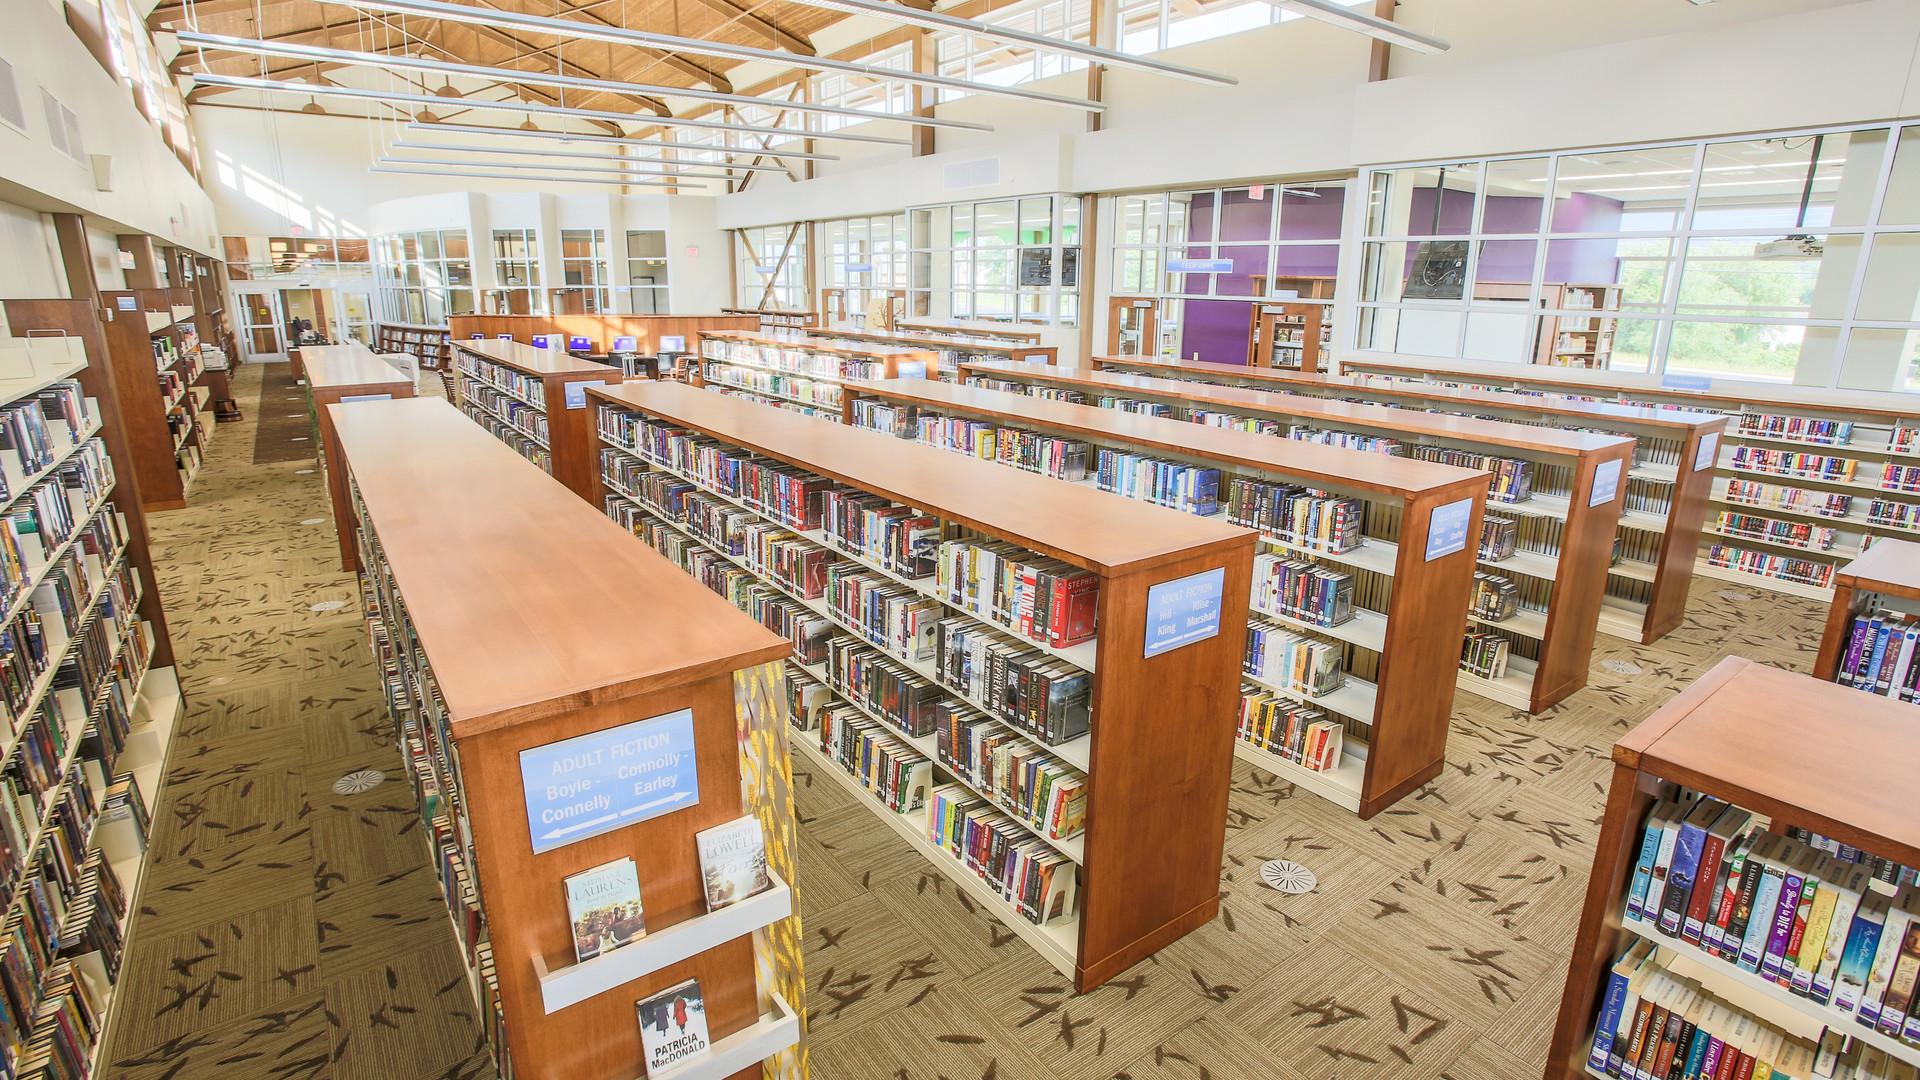 063013-140-glenvar-library.jpg